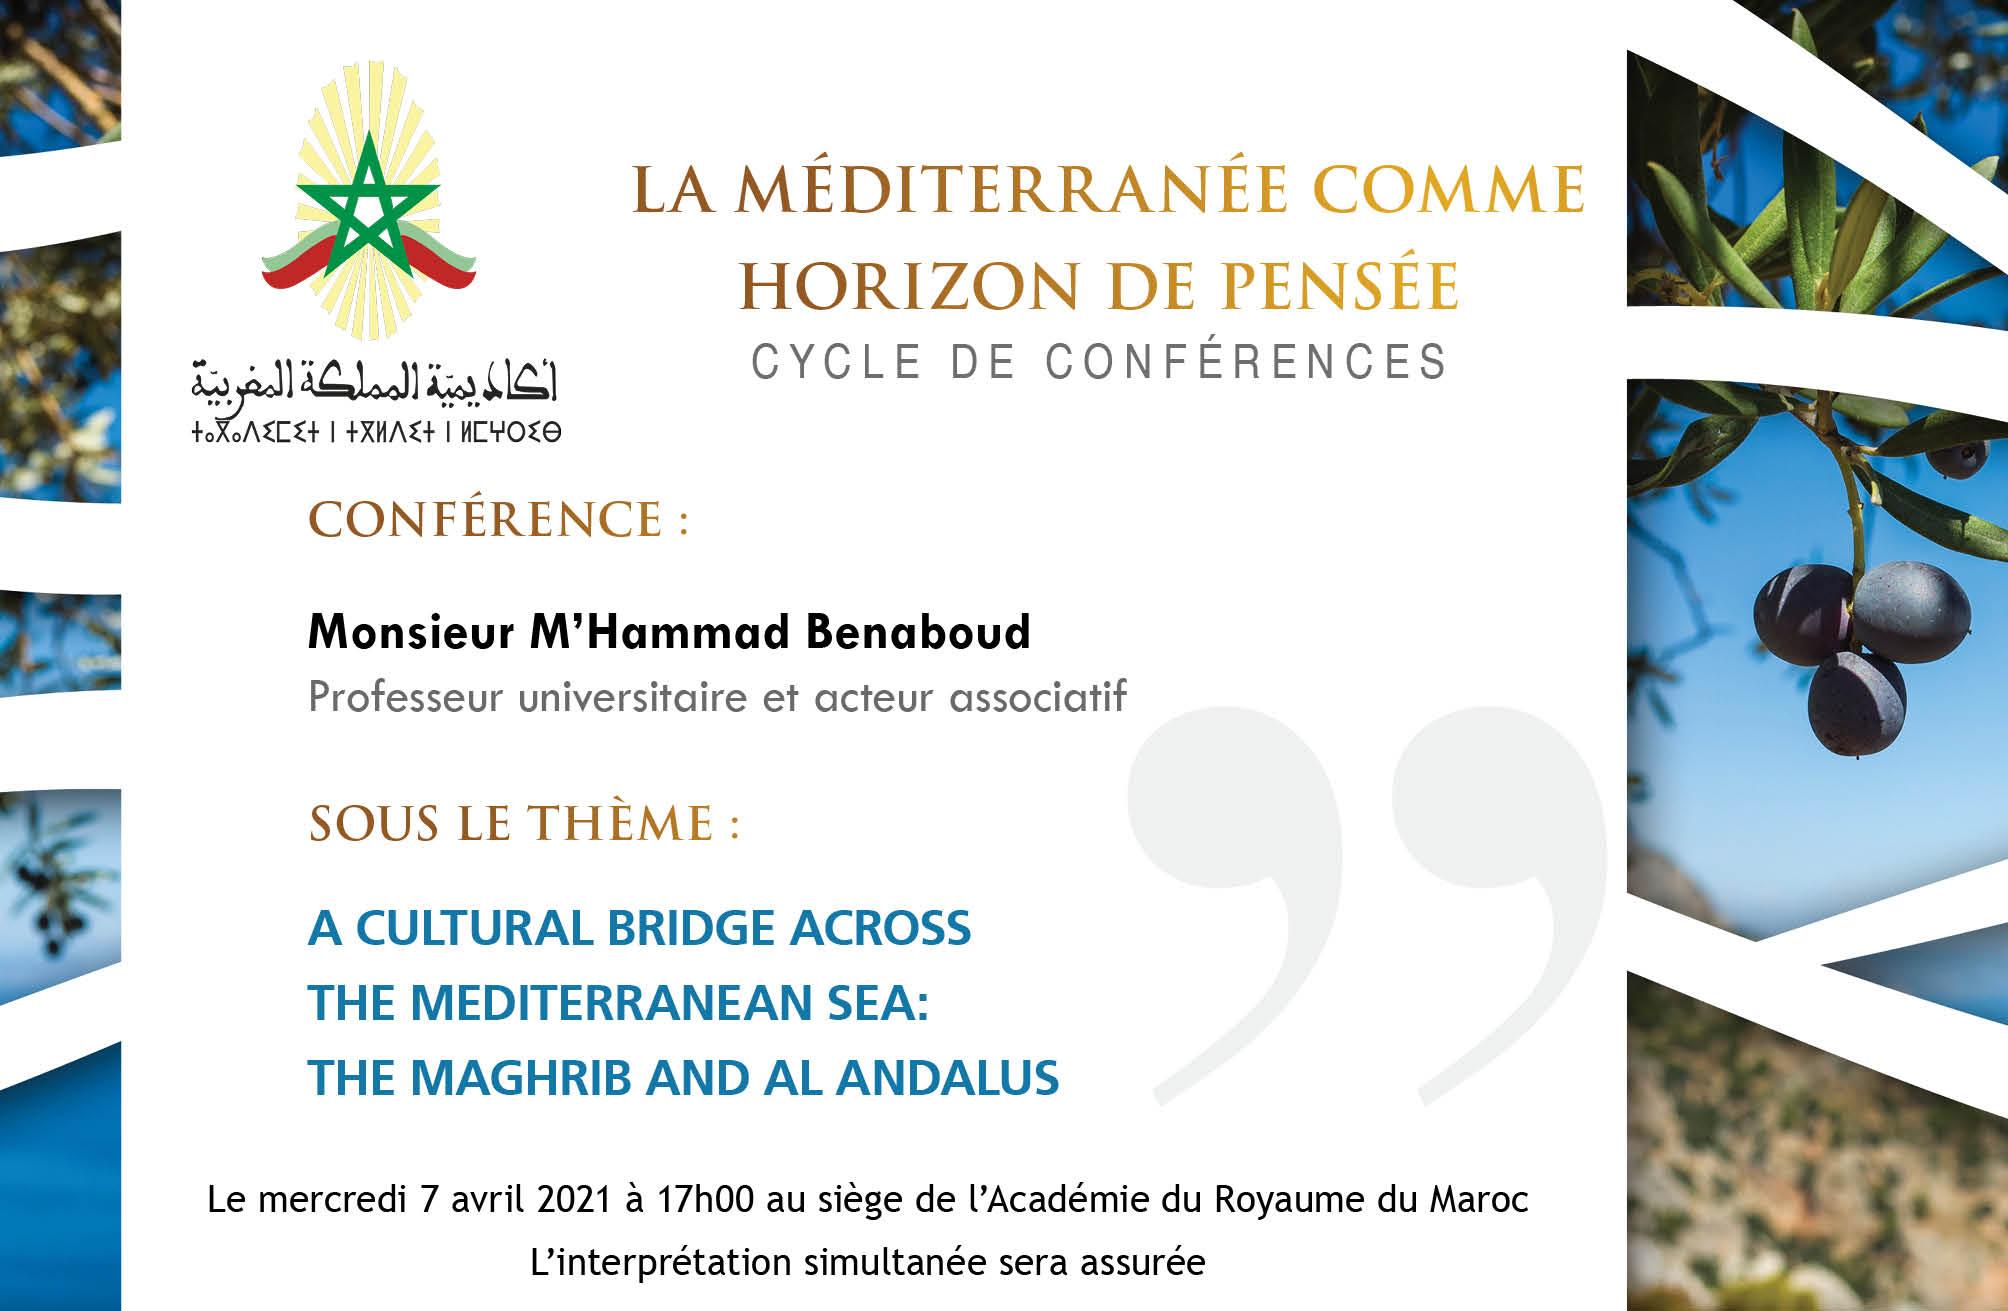 القنطرة الثقافية عبر البحر الأبيض المتوسط :المغرب الكبير والأندلس